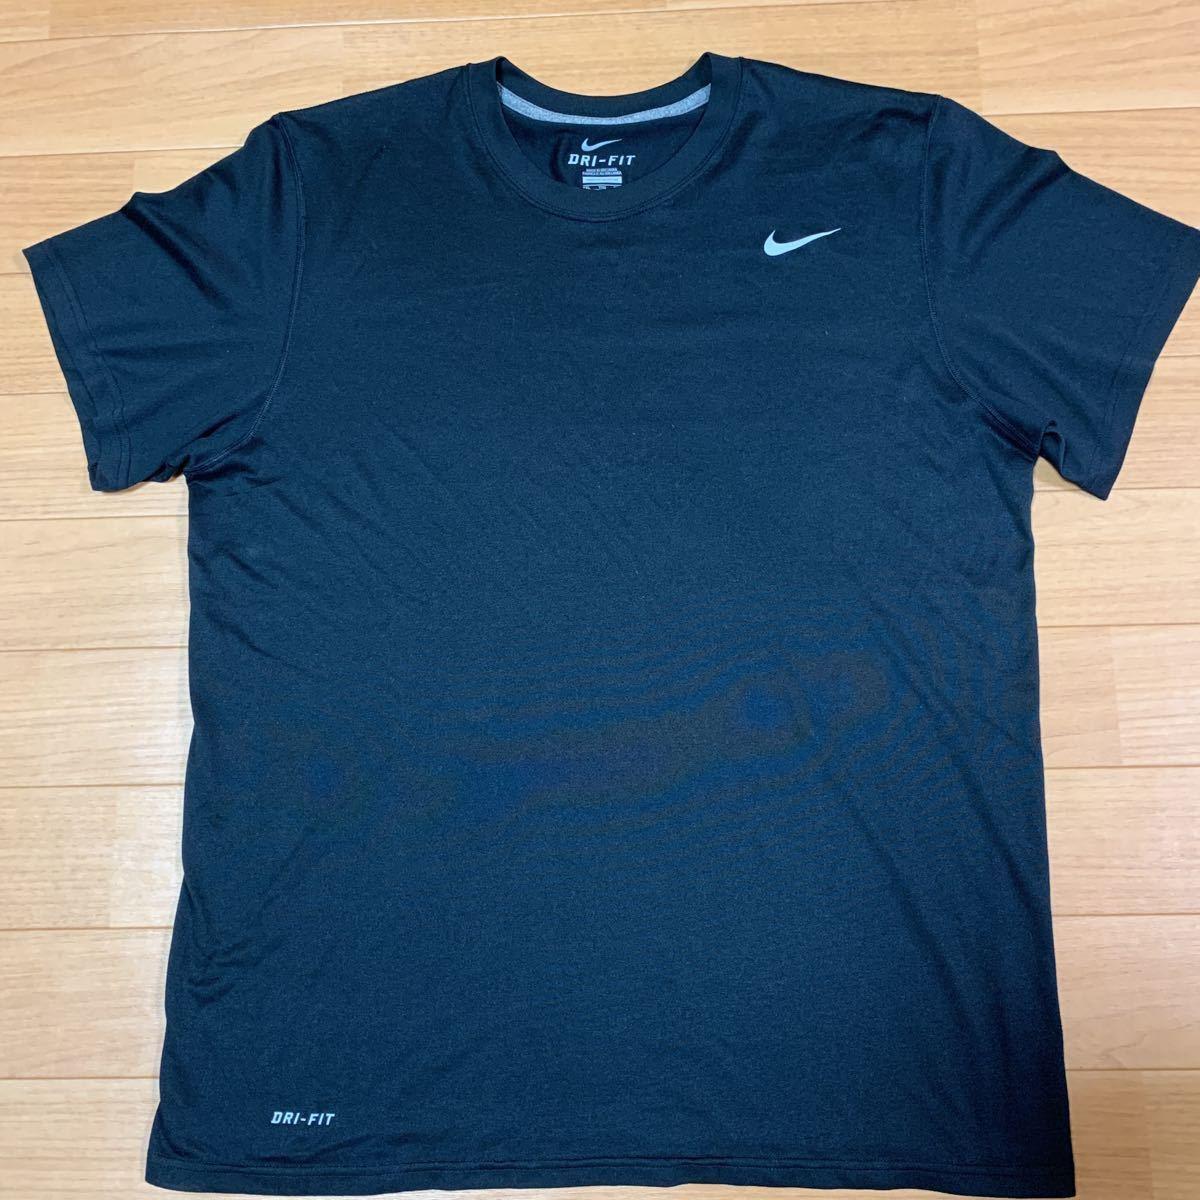 Nike DRY FIT ナイキ ドライフィット 半袖 XXL ブラック XL 2XL 速乾 ドライ Tシャツ NIKE 半袖Tシャツ 黒